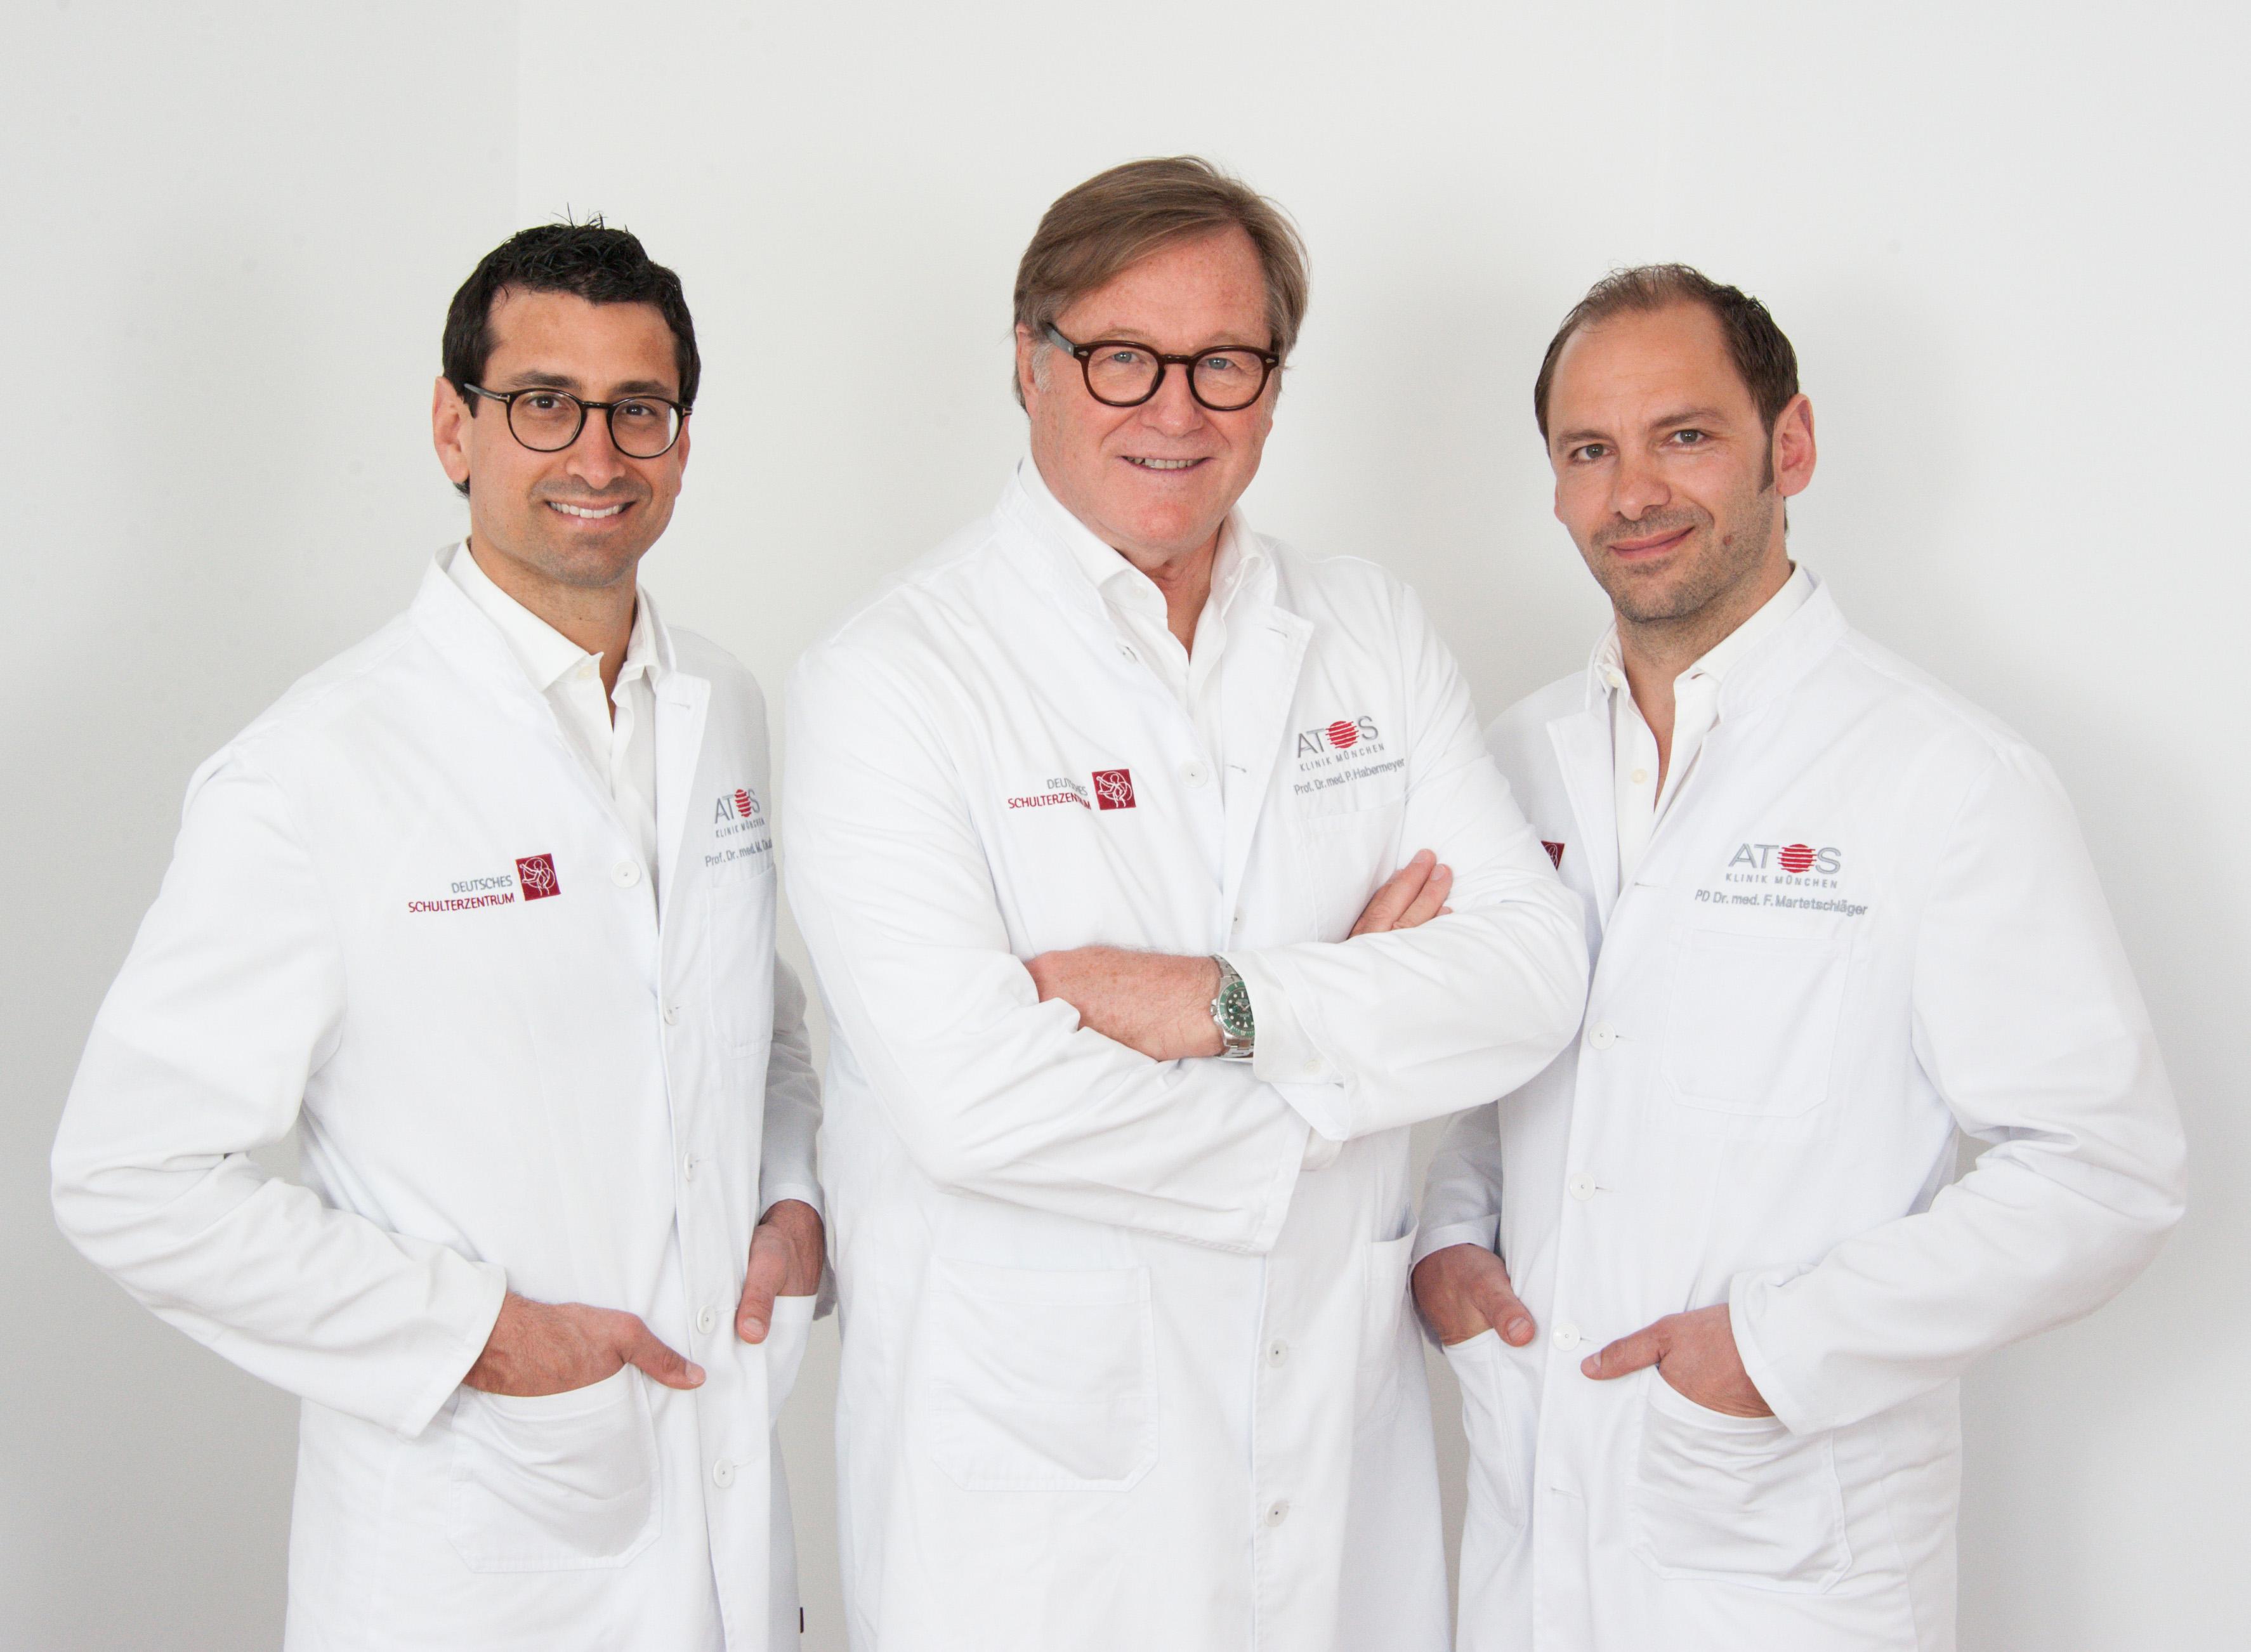 Prof. Tauber, Prof. Habermeyer, PD Martetschläger